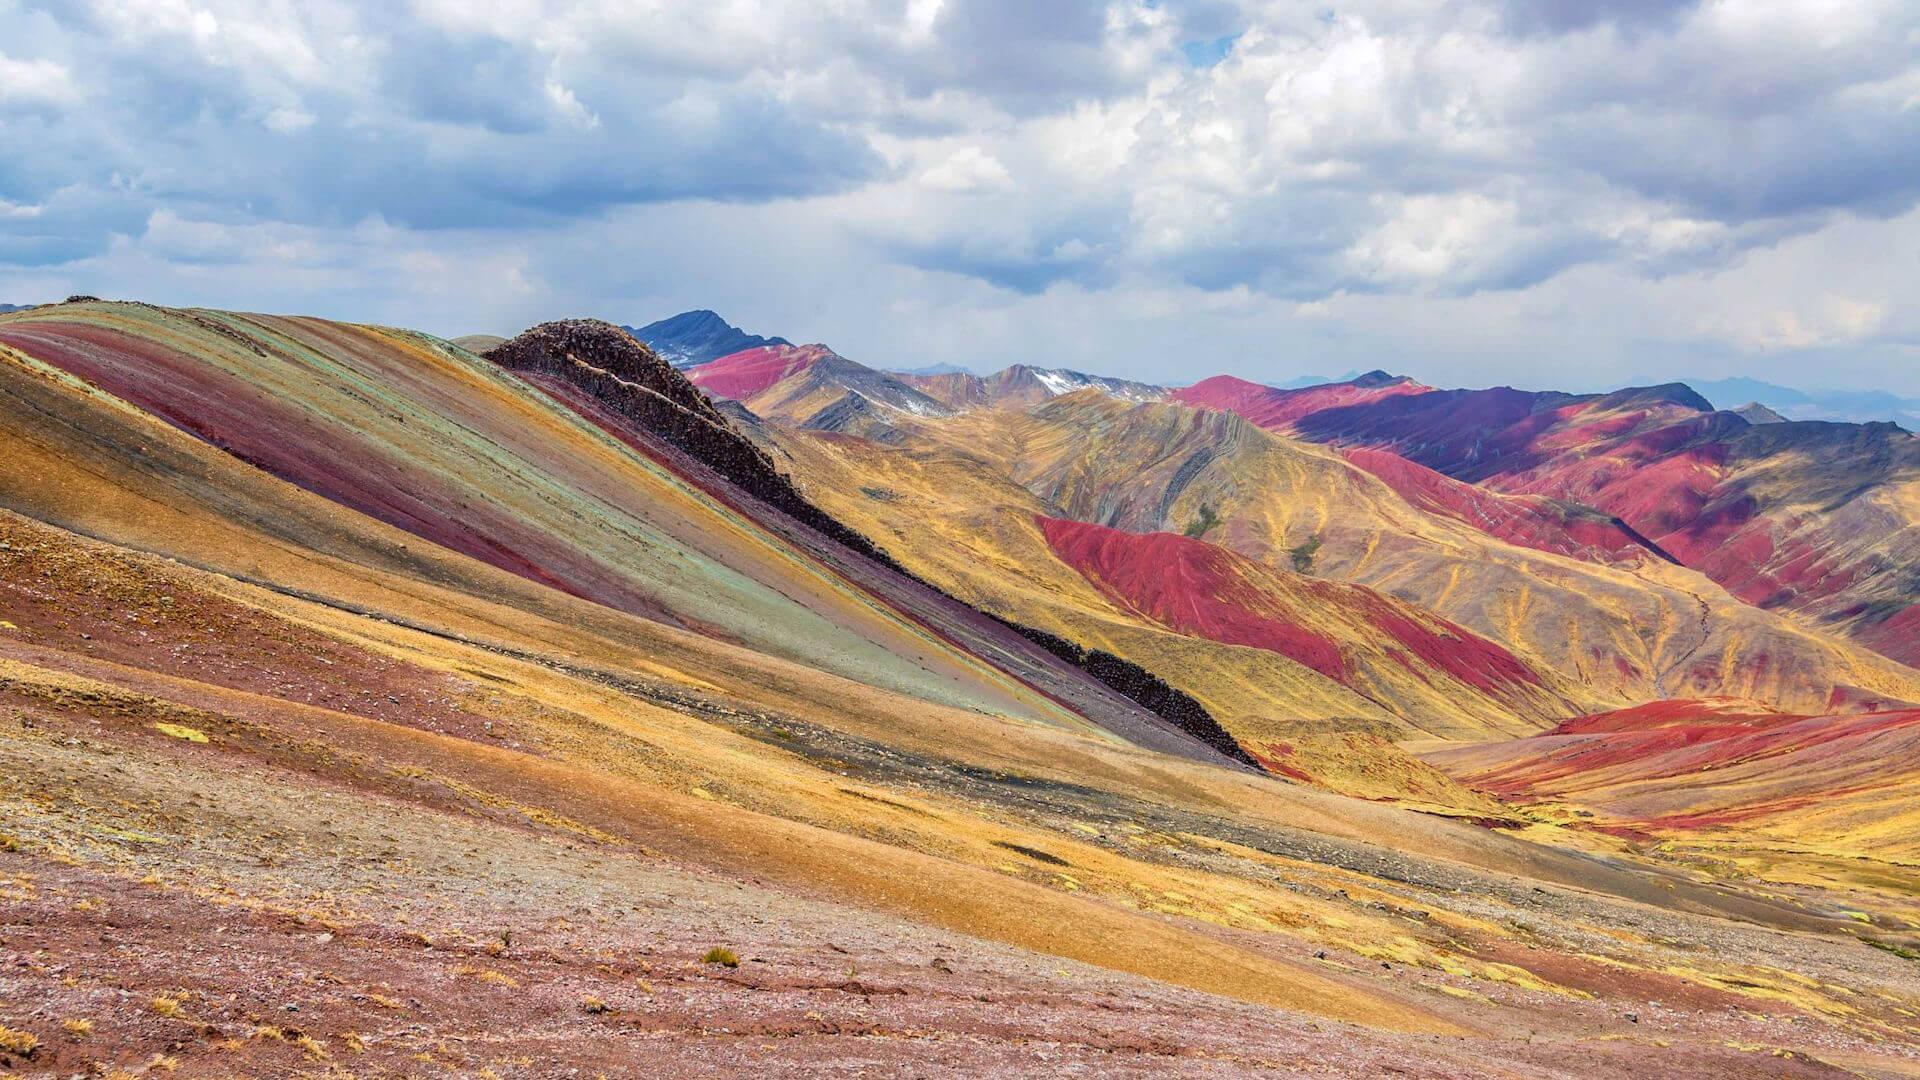 Montagne Vinicunca au Pérou, ou montagne arc-en-ciel